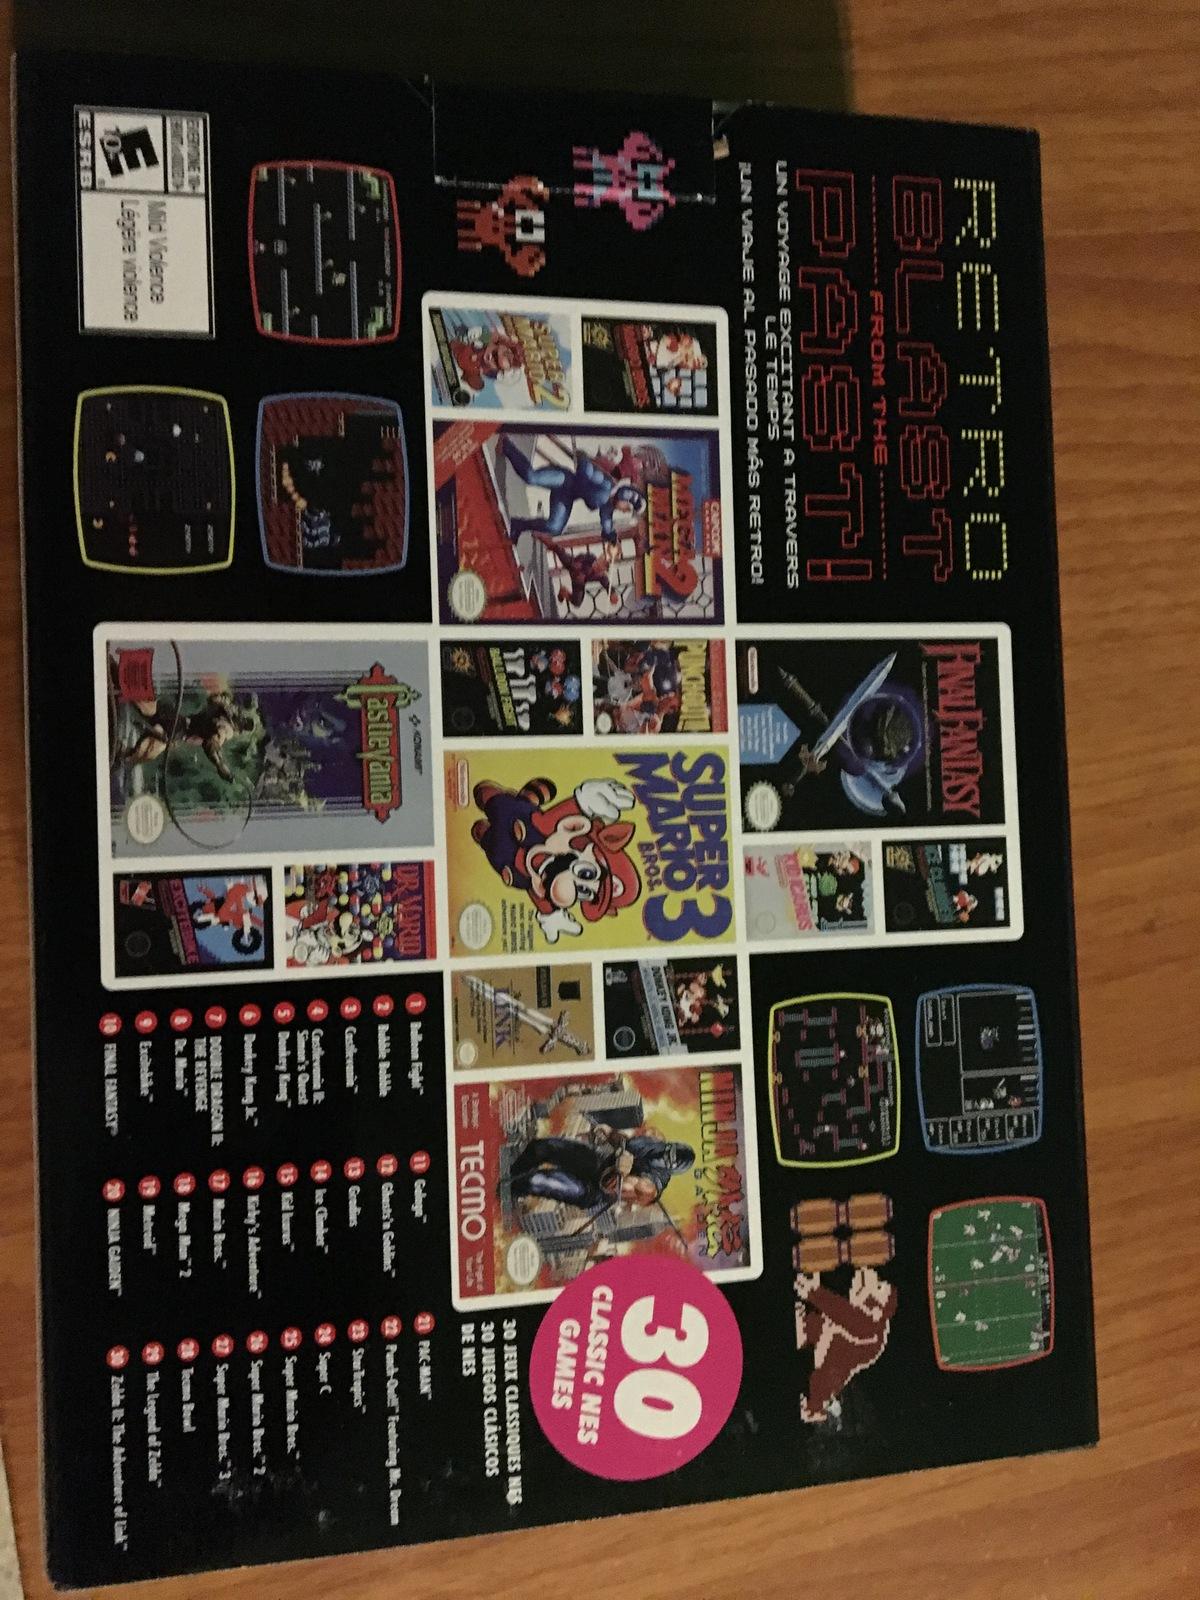 Nintendo Nes Classic Edition Mini Console - New In Box Ready to Ship